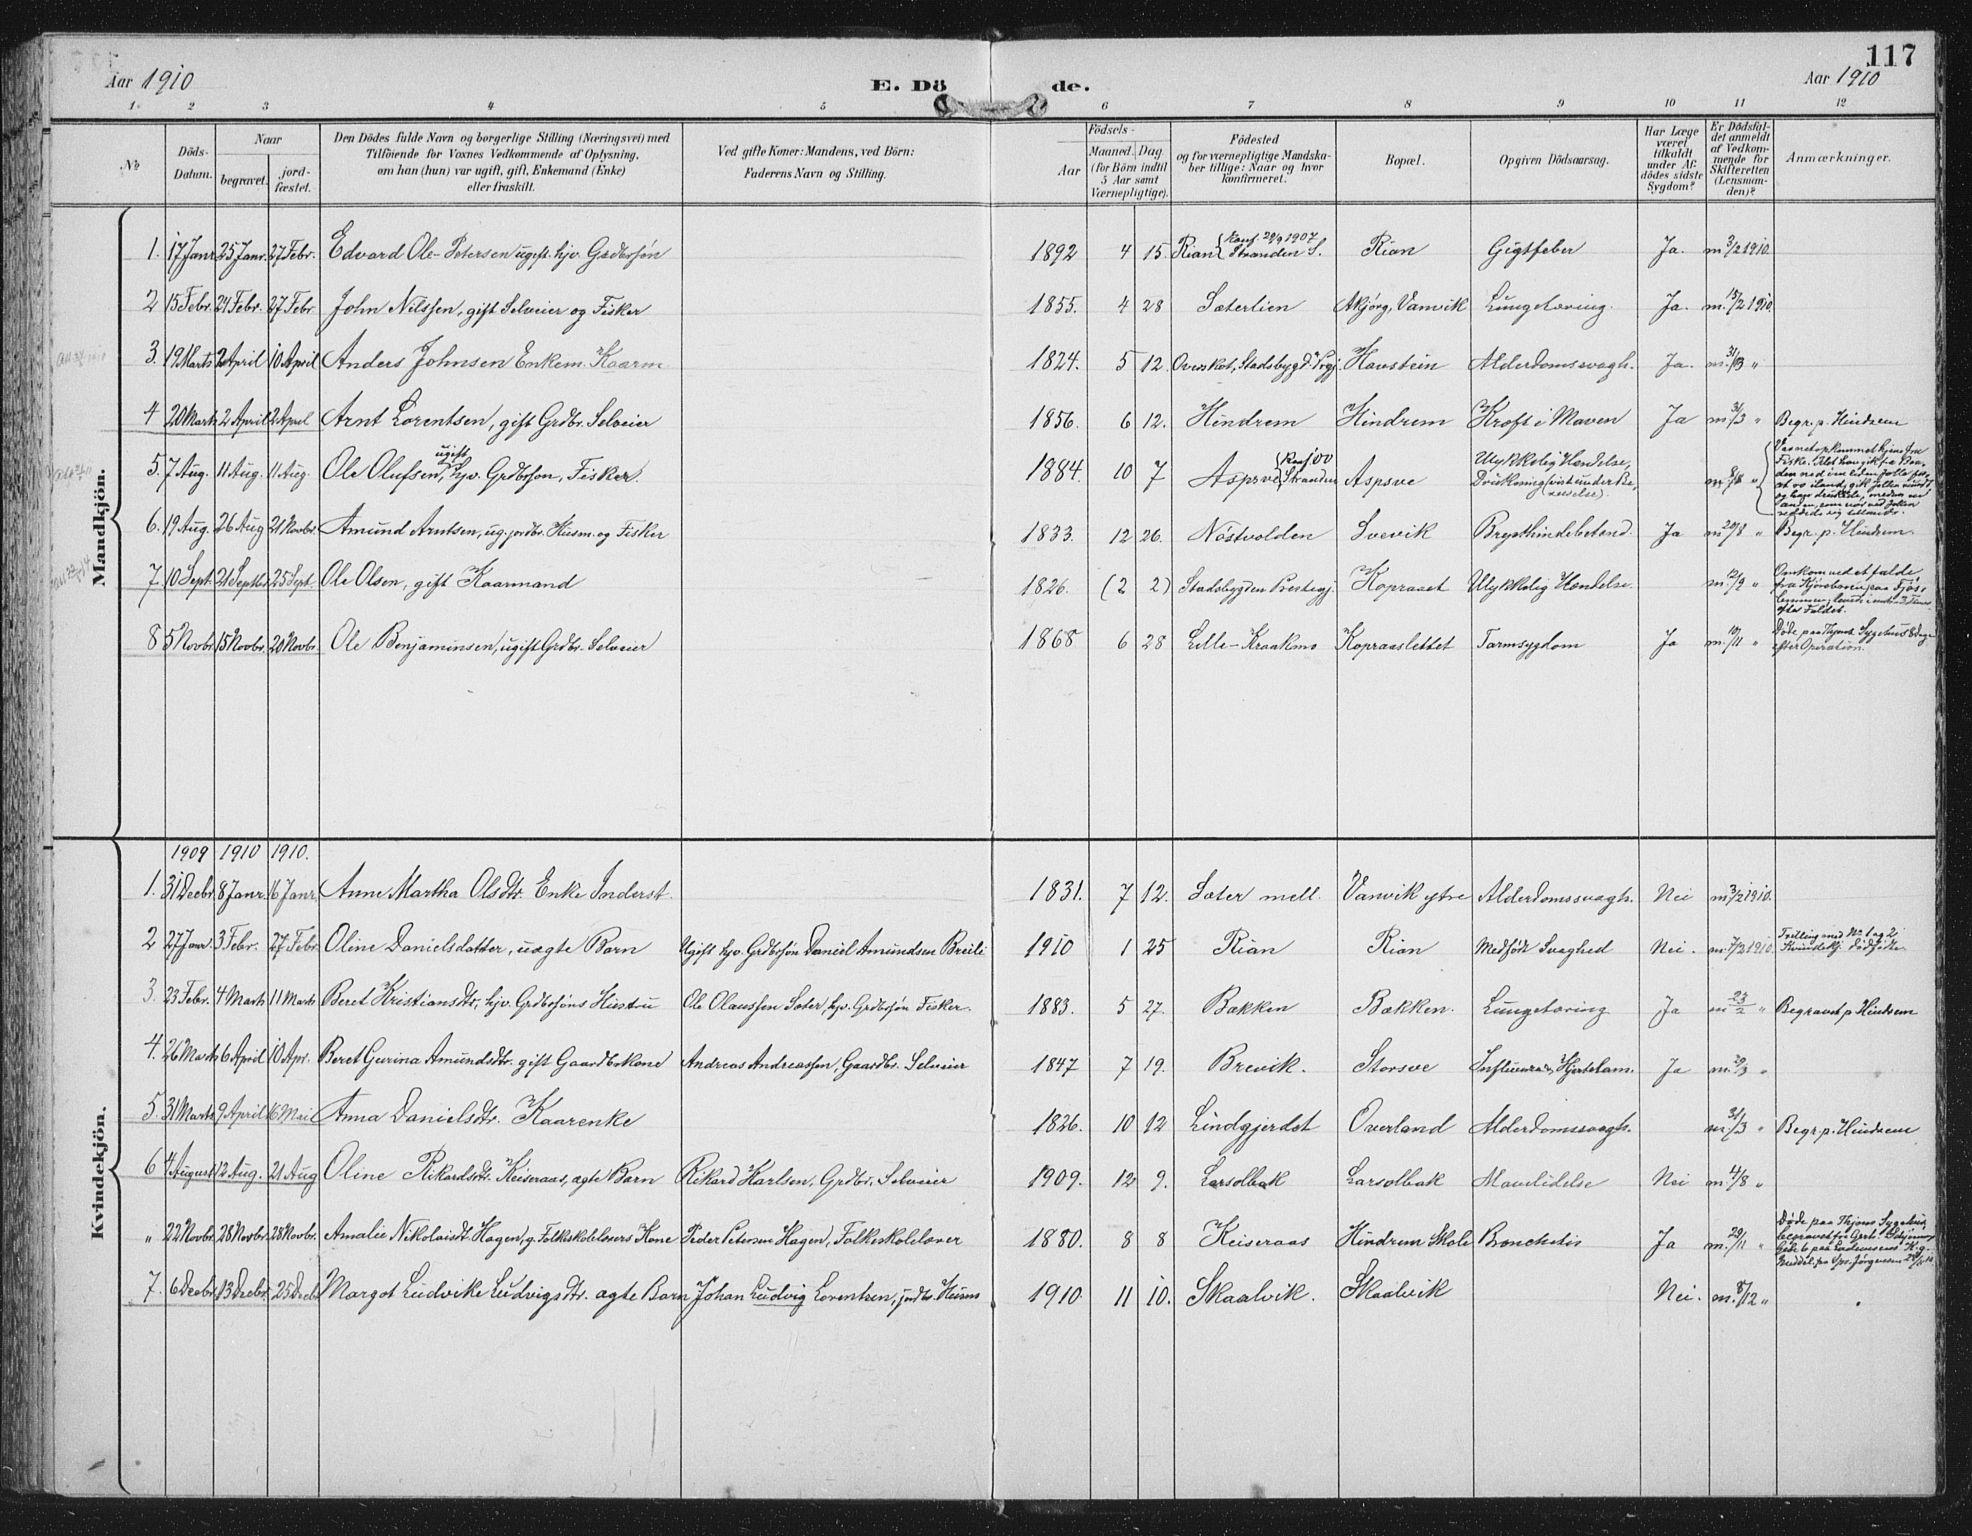 SAT, Ministerialprotokoller, klokkerbøker og fødselsregistre - Nord-Trøndelag, 702/L0024: Ministerialbok nr. 702A02, 1898-1914, s. 117